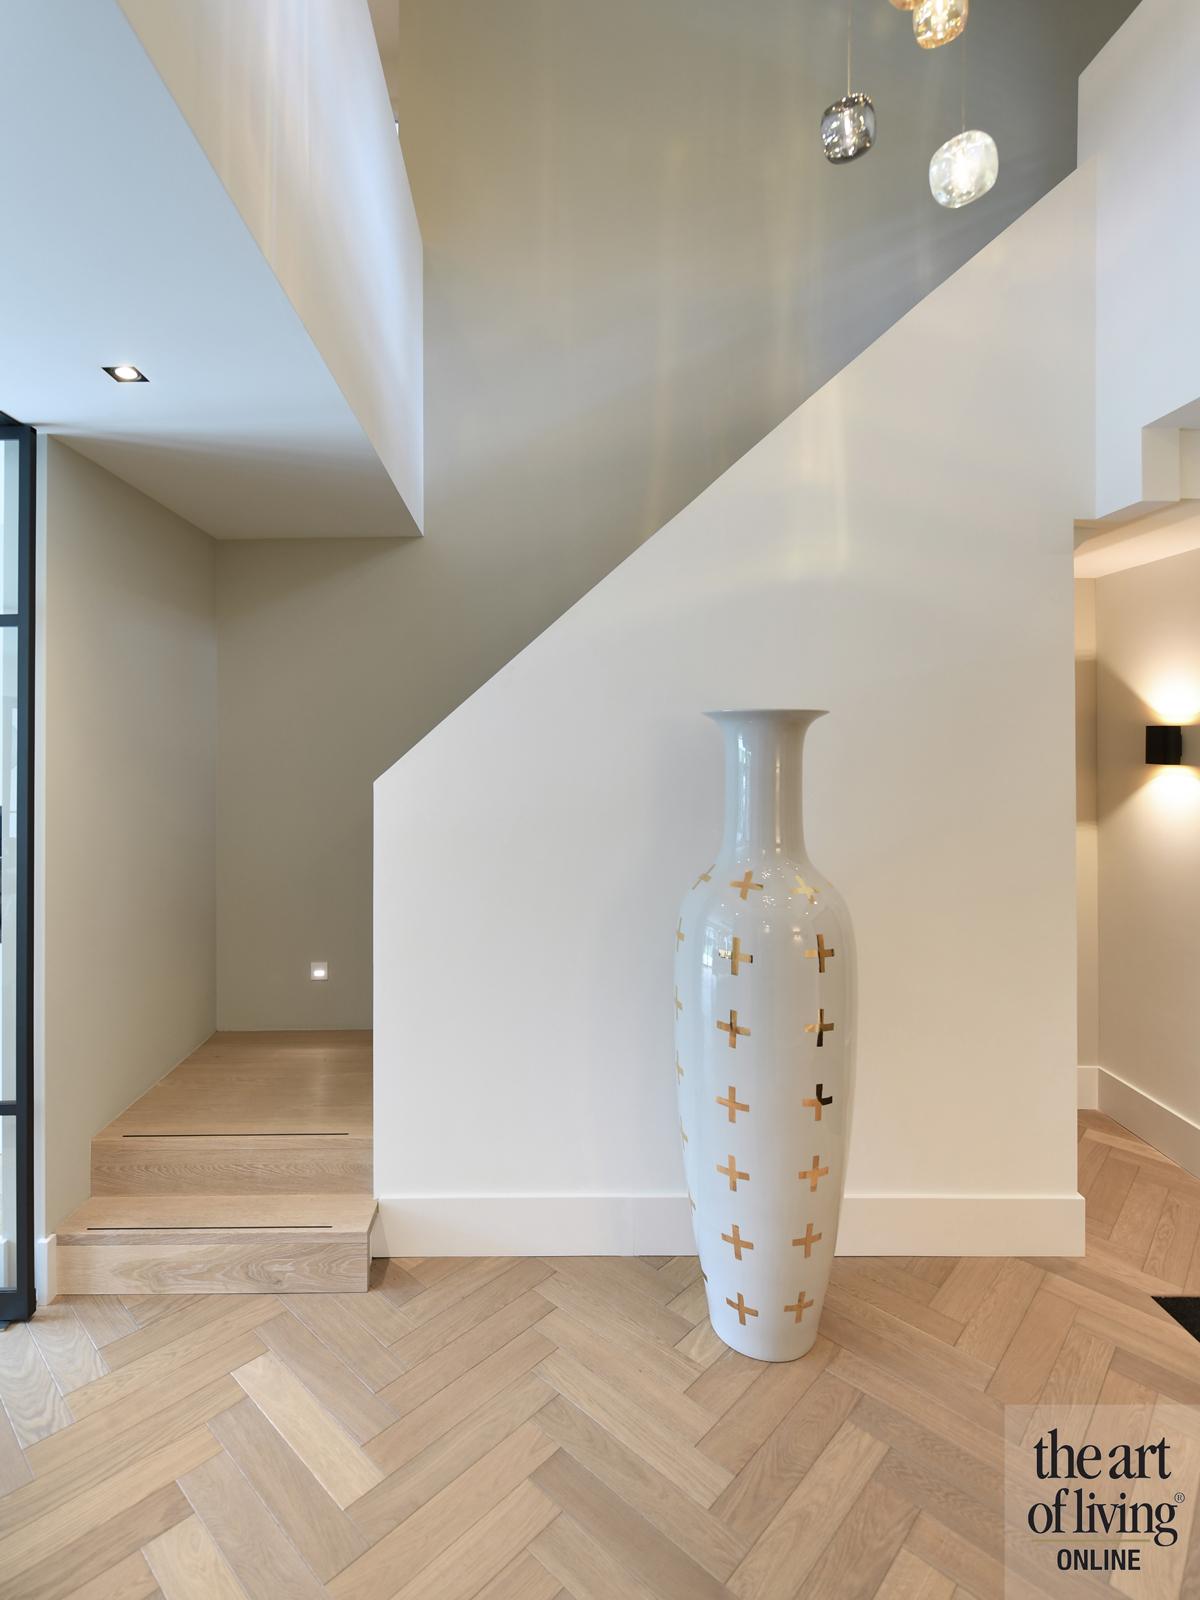 Royal botanie, licht interieur, woonkamer